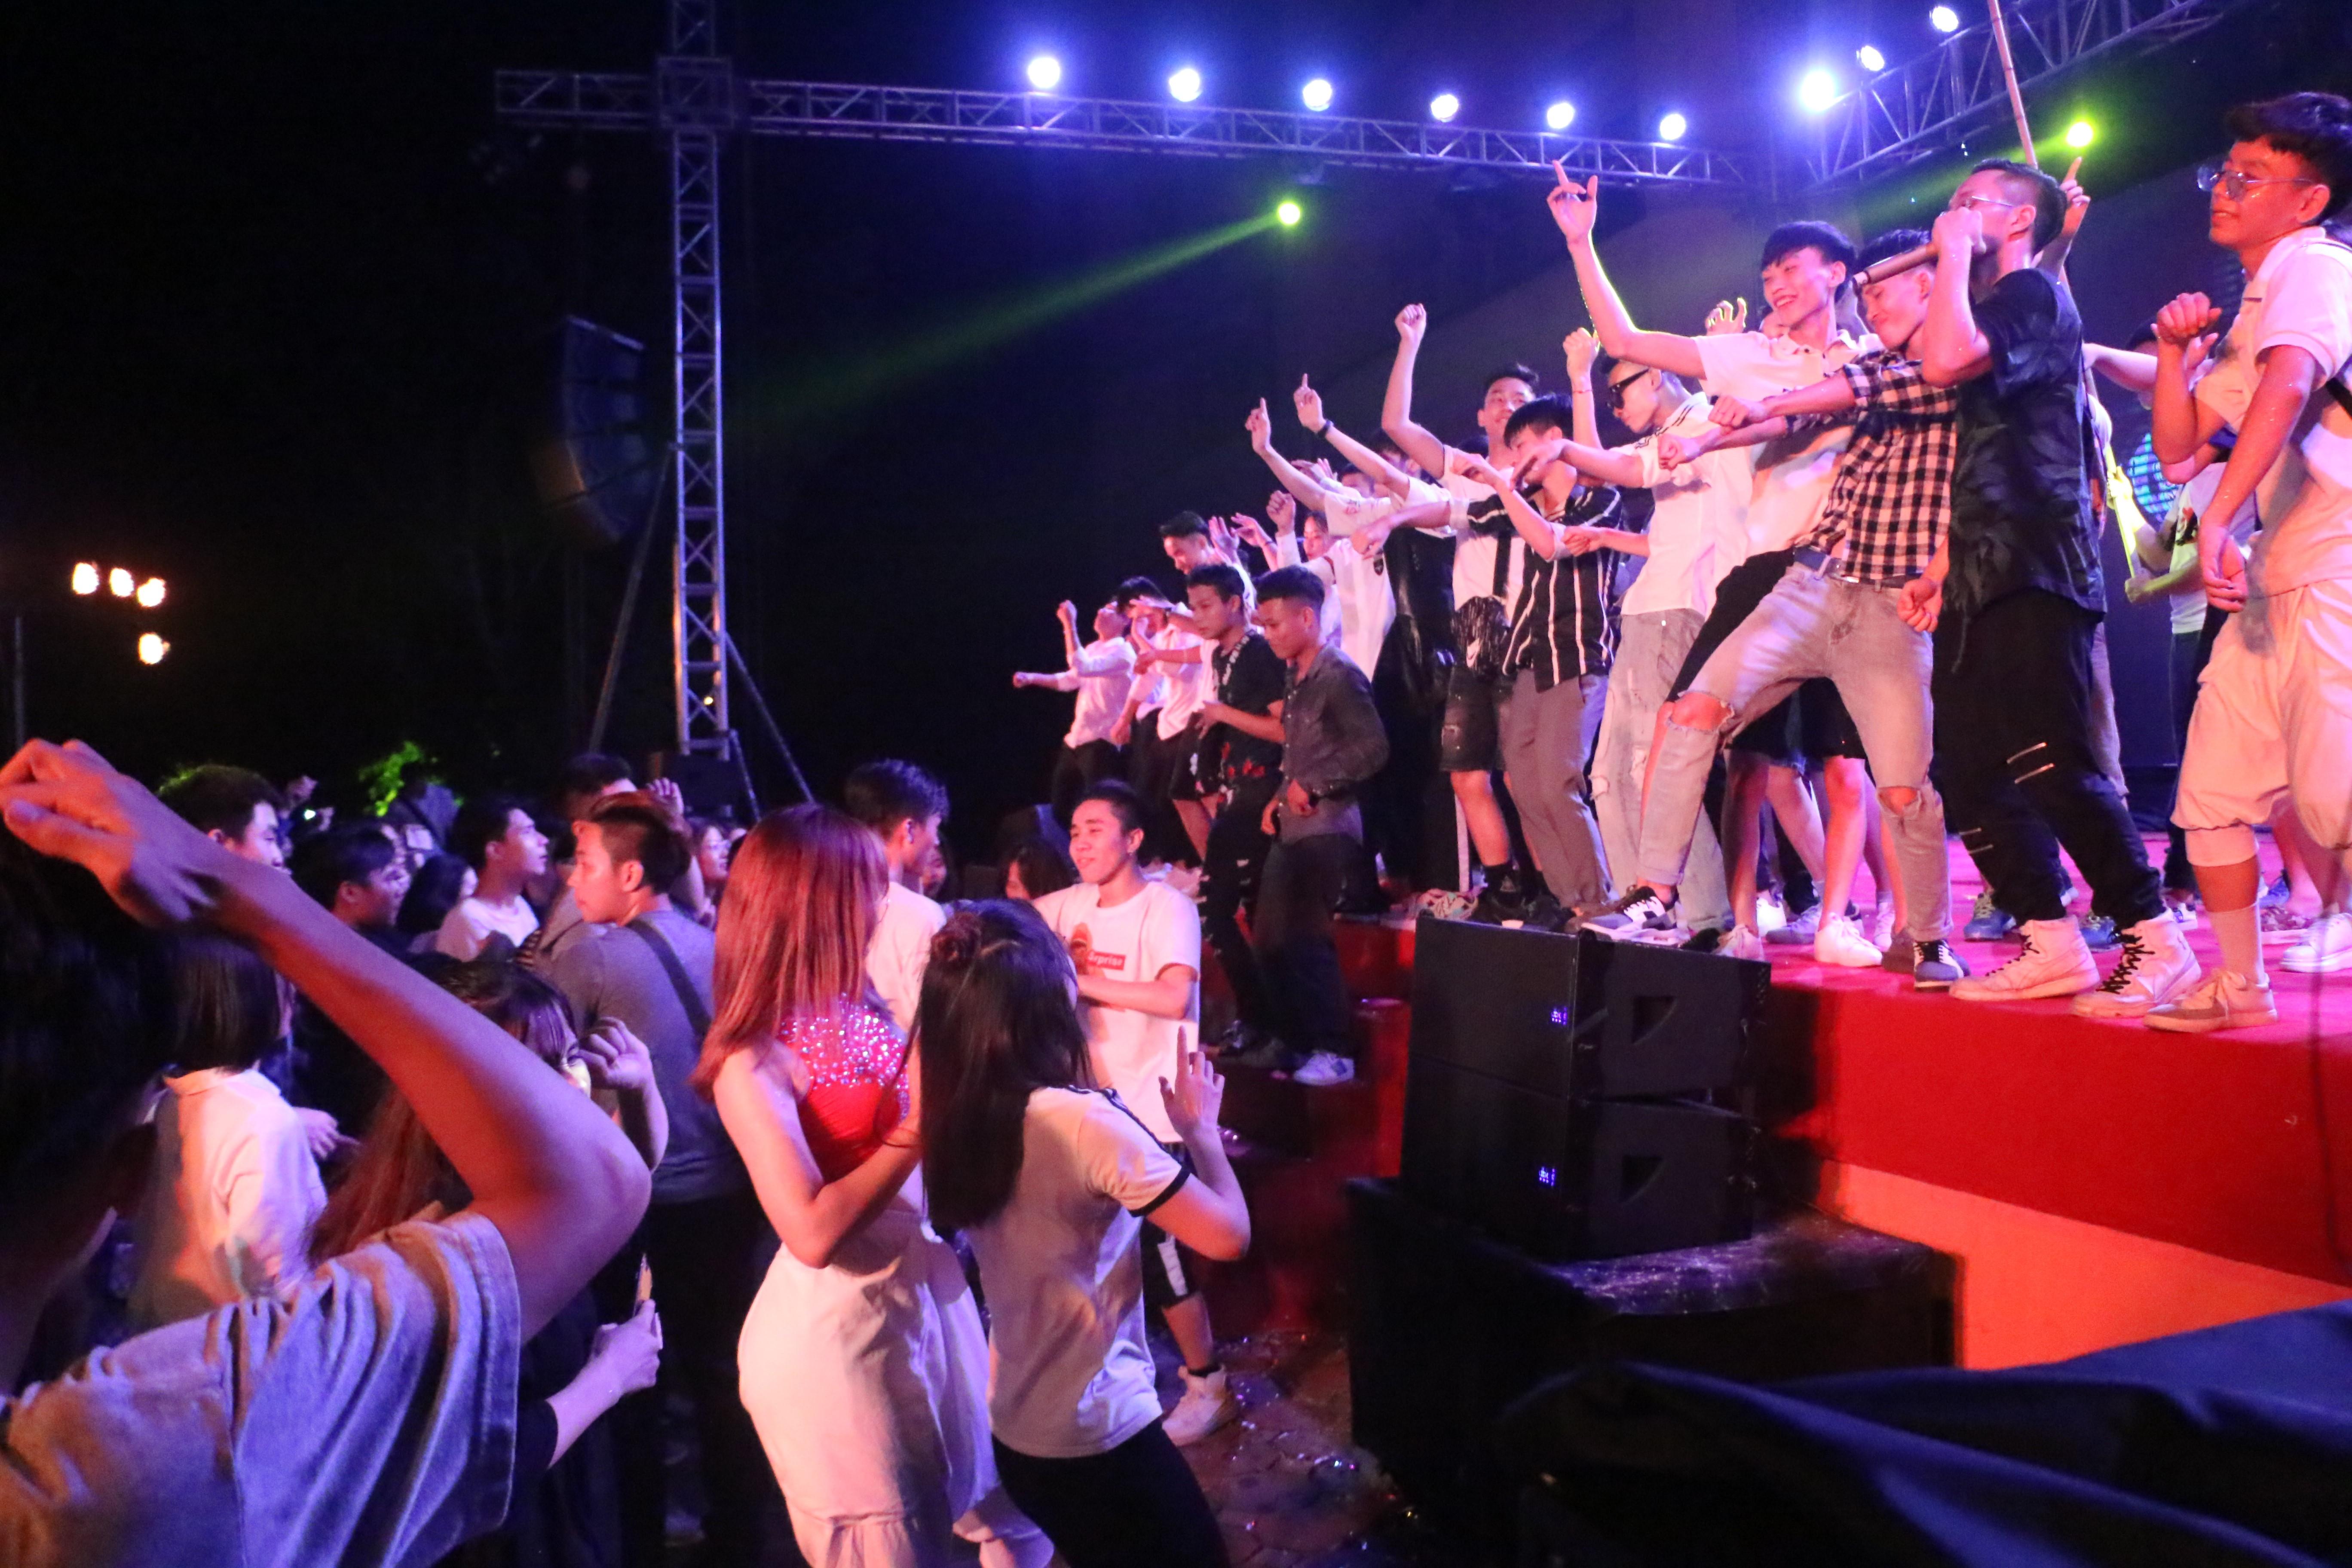 Sinh viên Đại Nam cháy hết mình trong bữa tiệc âm nhạc cùng ca sĩ Min - Ảnh 4.